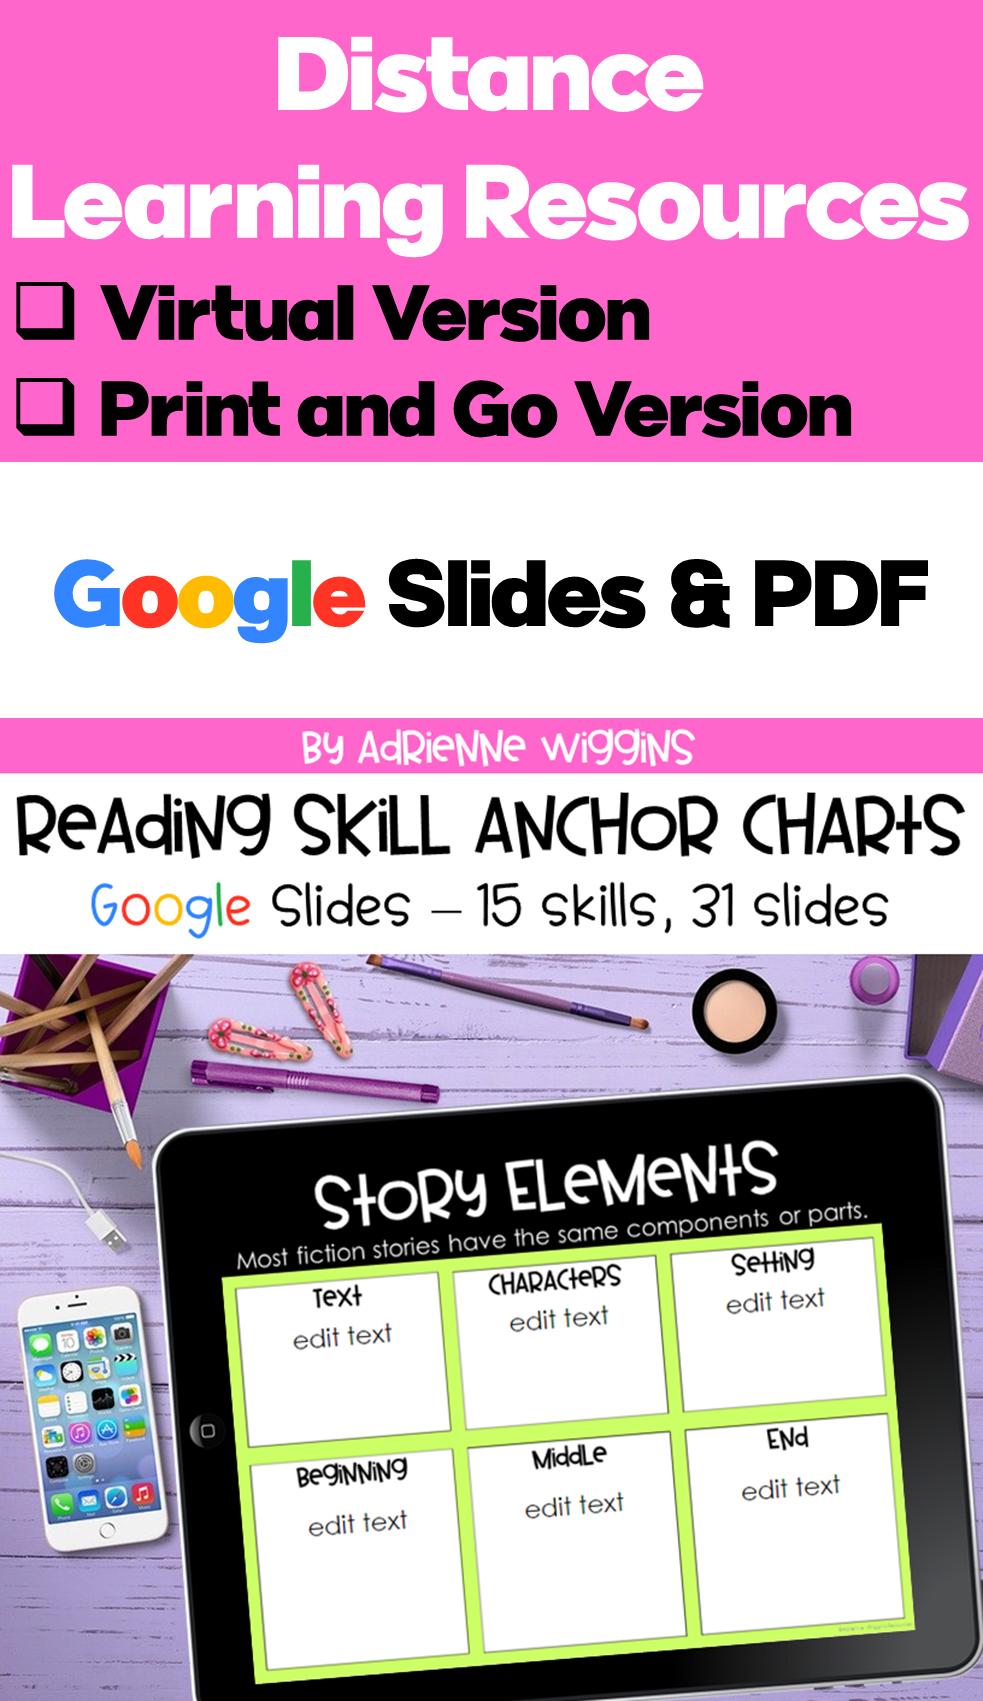 Reading Skill Anchor Charts Google Slides Distance Learning Reading Skills Anchor Charts Anchor Charts Reading Skills